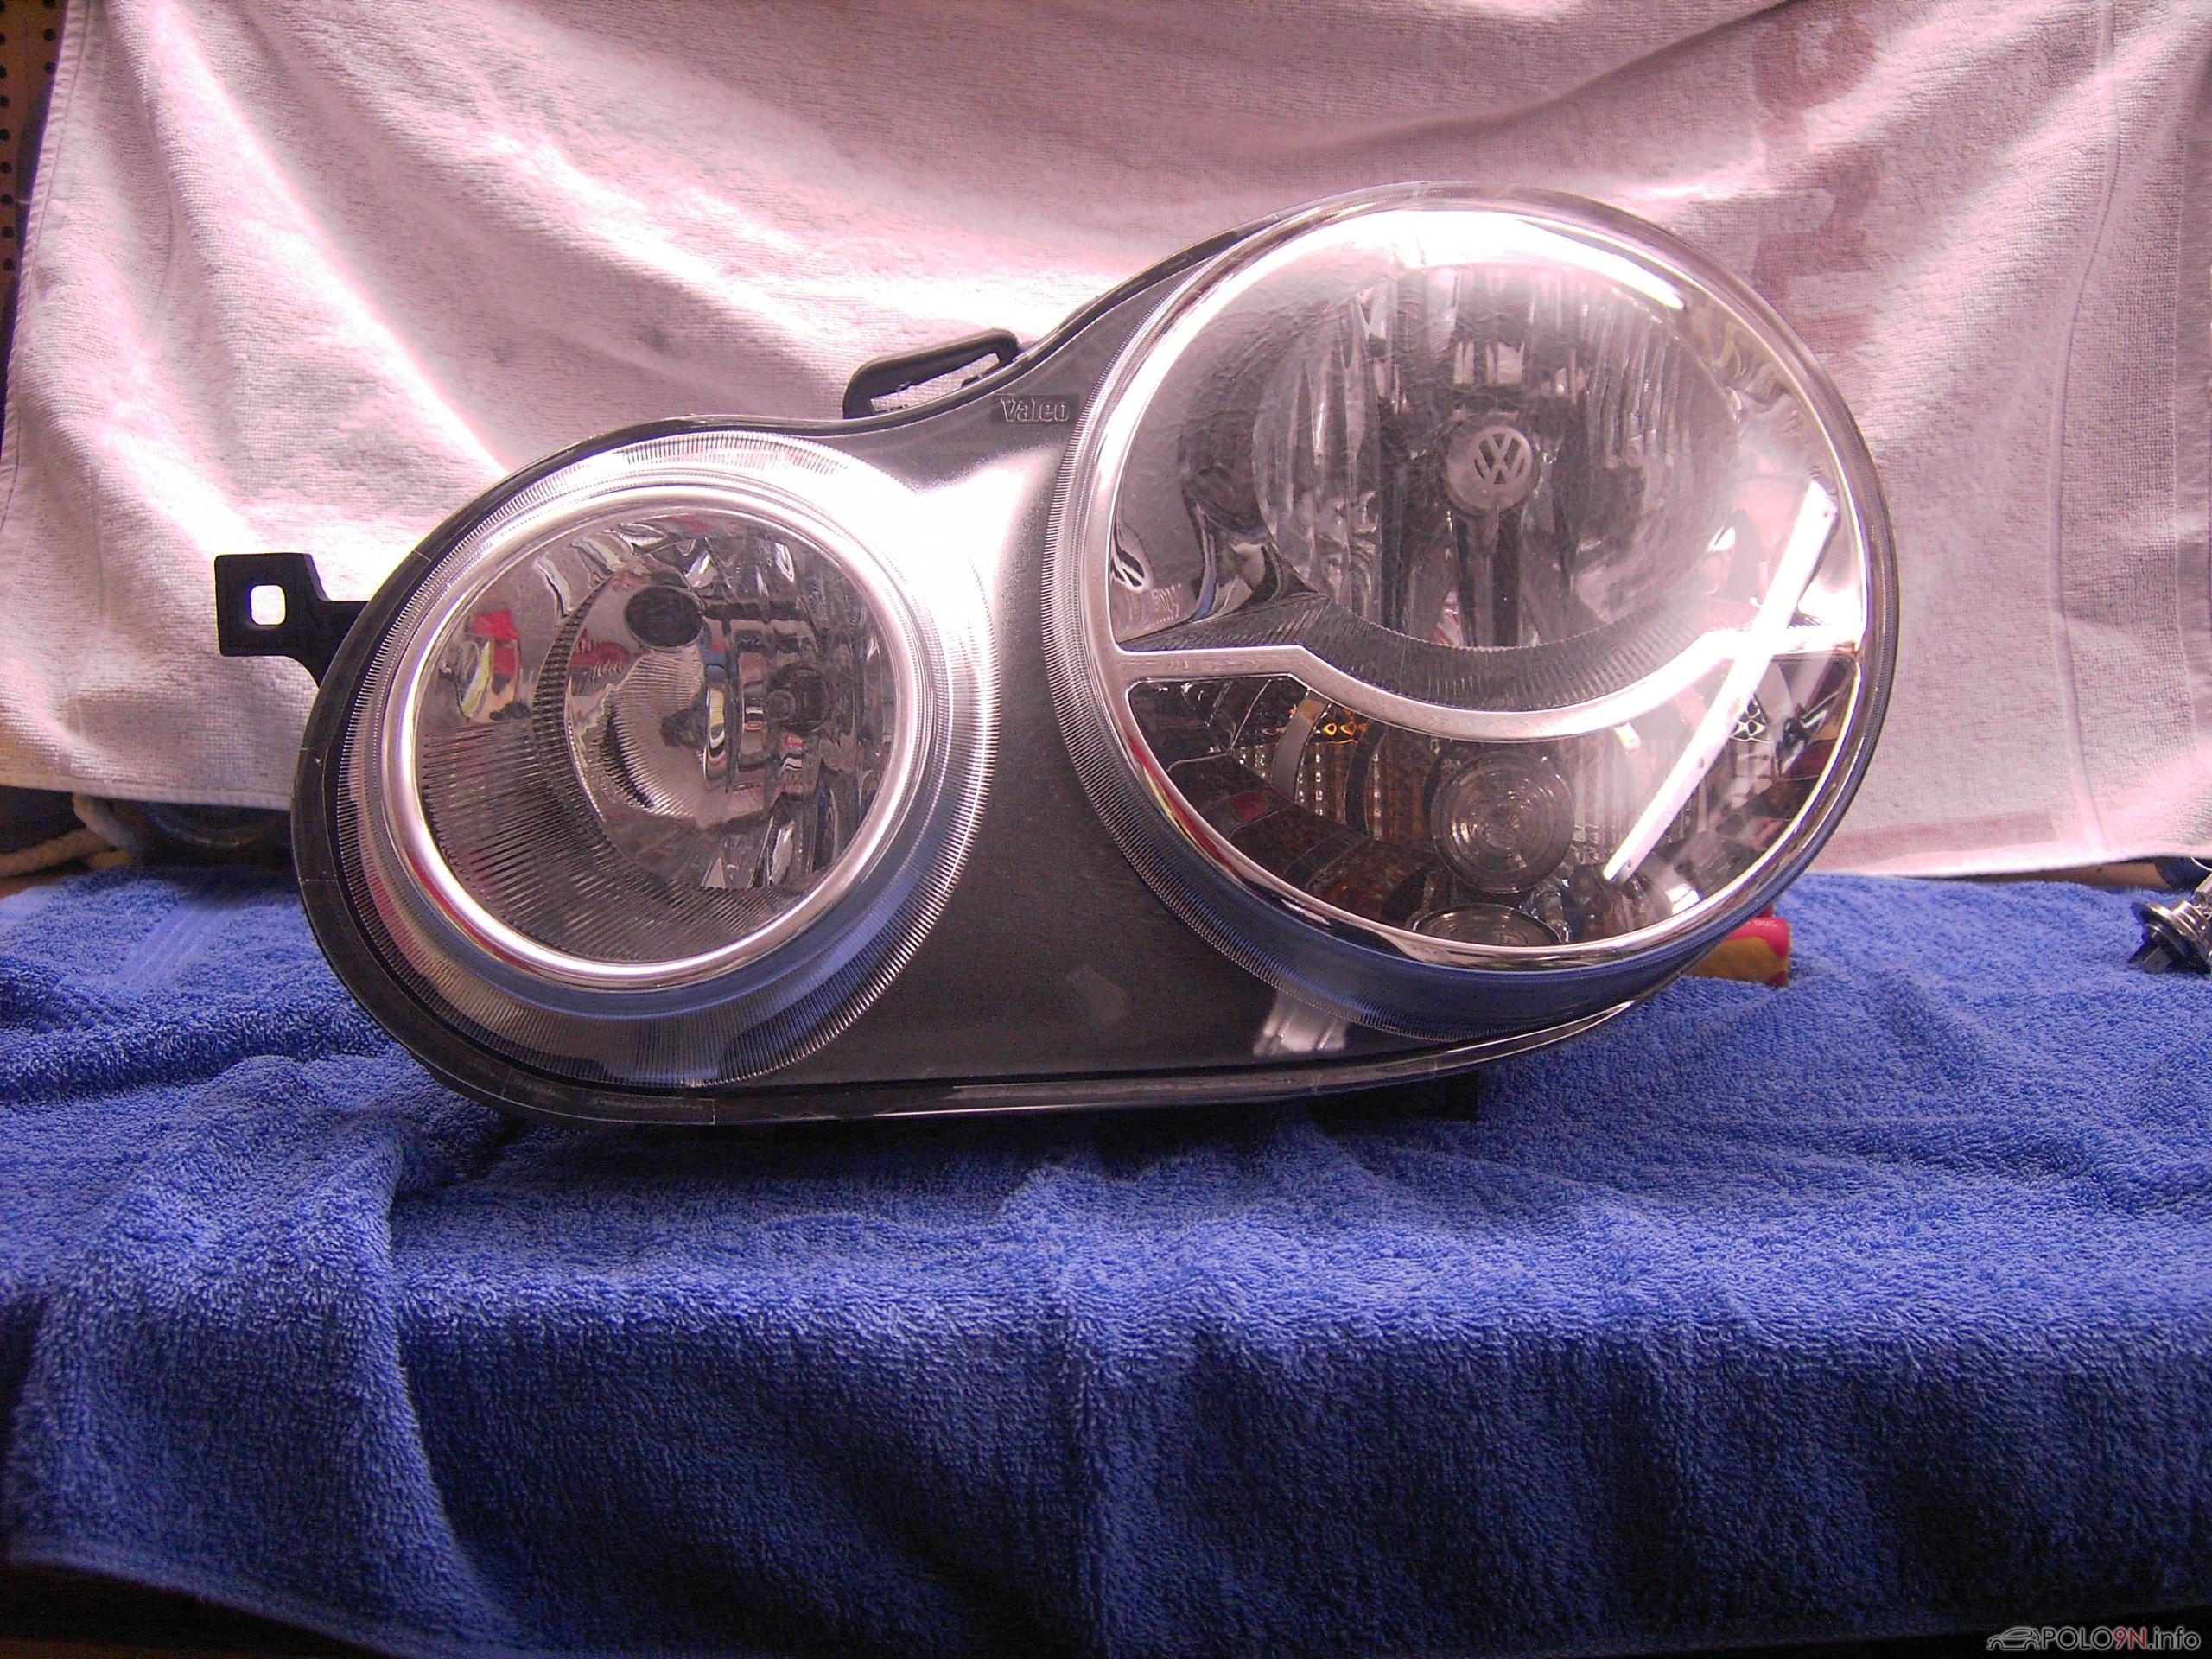 Golf 5 Lampen : Foto aus dem ordner bilder mein polo n allgemein von